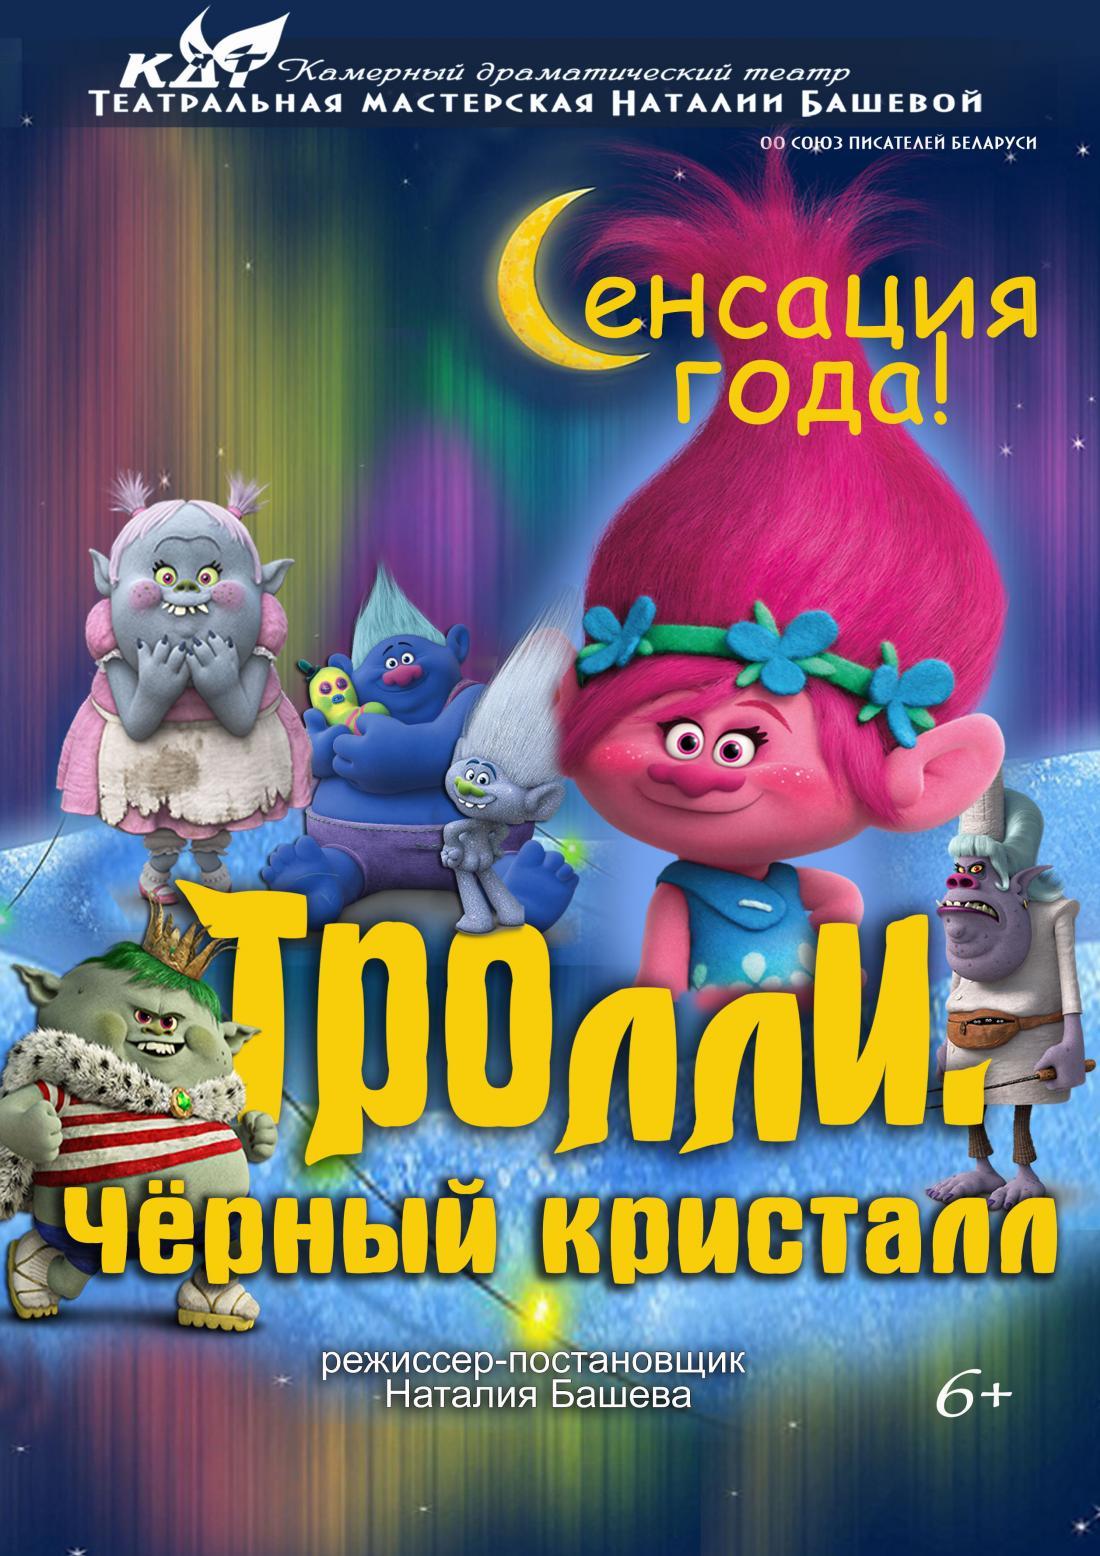 """19 мая детский спектакль """"Тролли. Черный кристалл"""", два билета по цене одного от 8 руб."""